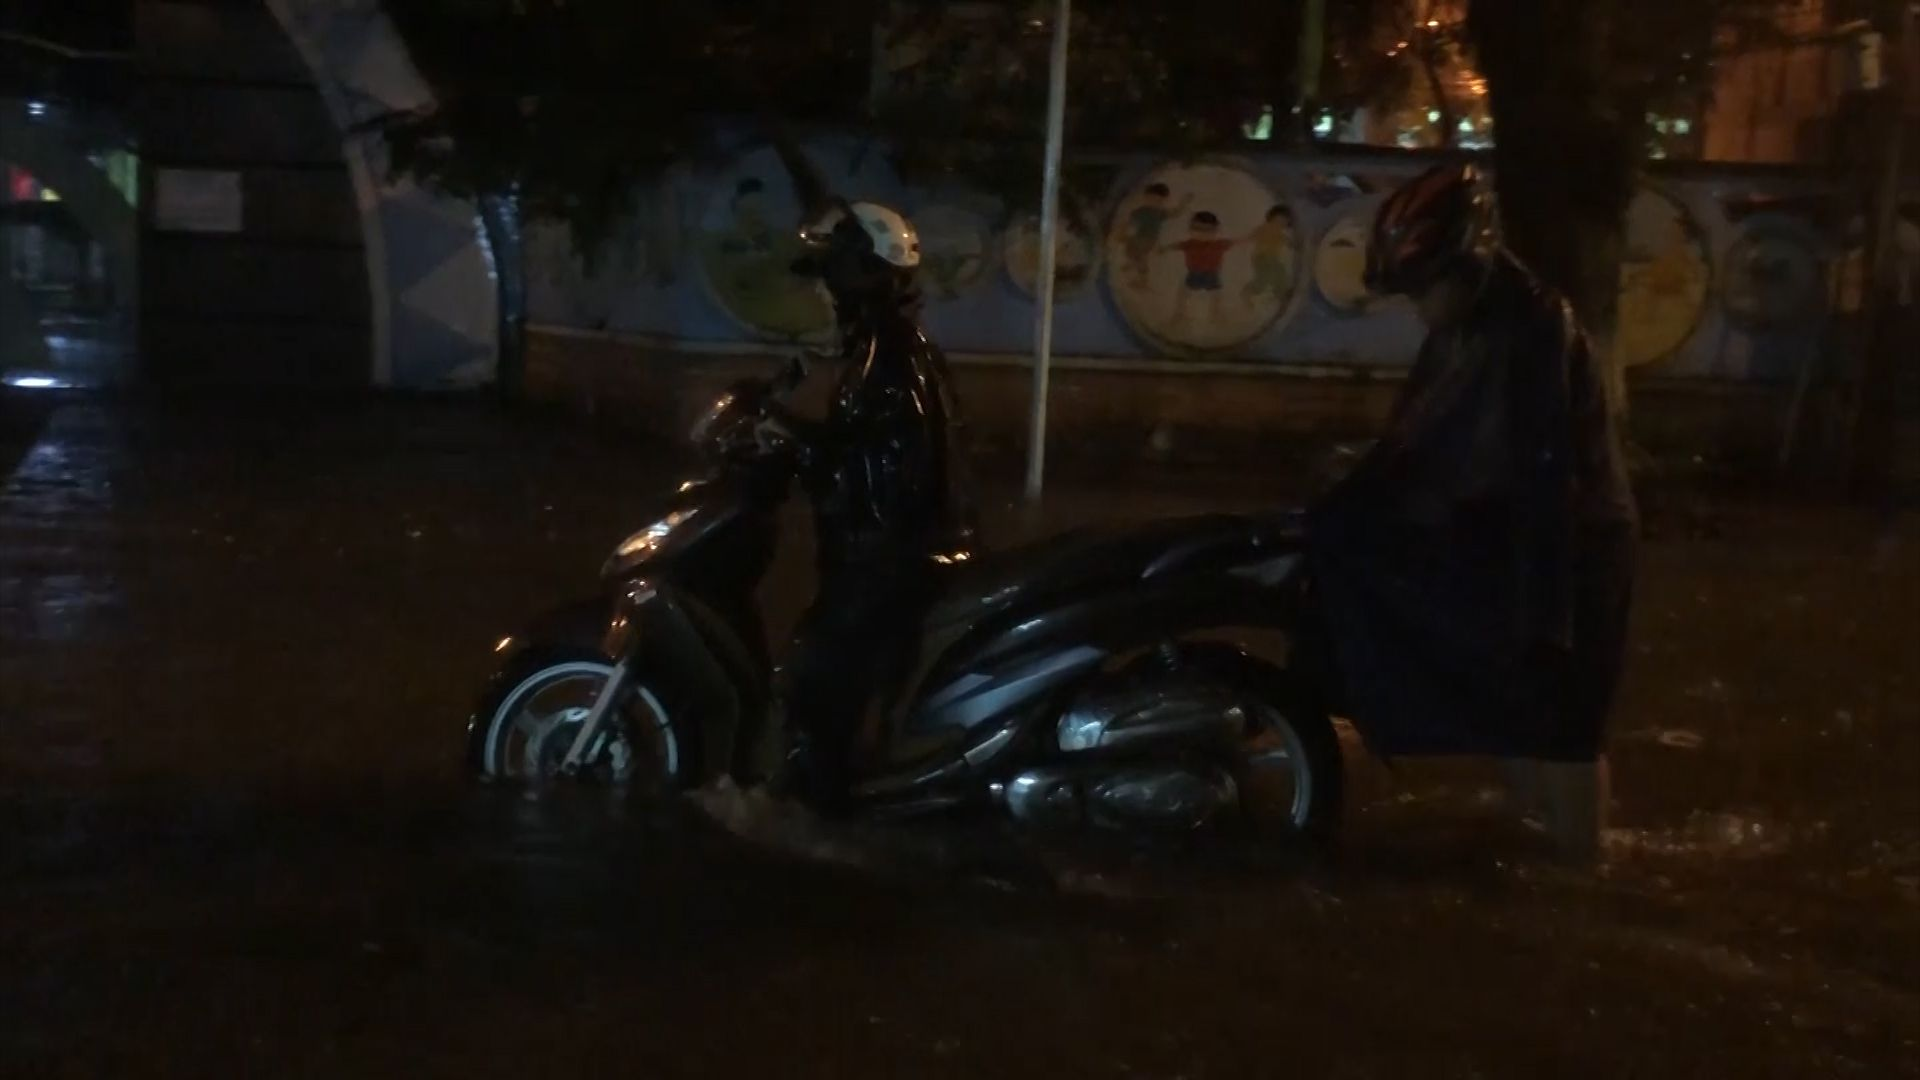 Mưa lớn suốt đêm, người dân TP. Quảng Ngãi 'bì bõm' trong biển nước Ảnh 3